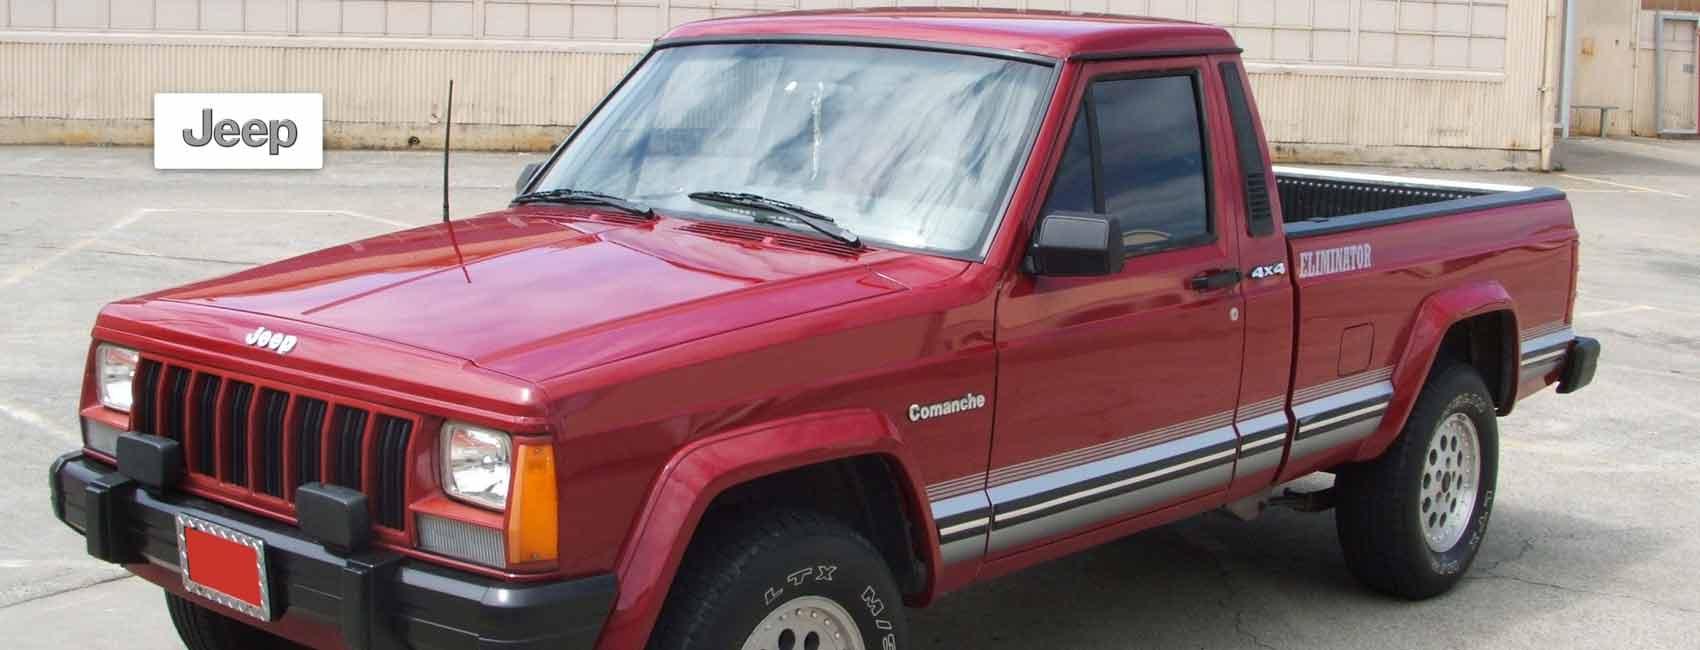 Jeep Comanche Parts - Buy Used Jeep Comanche Parts Online